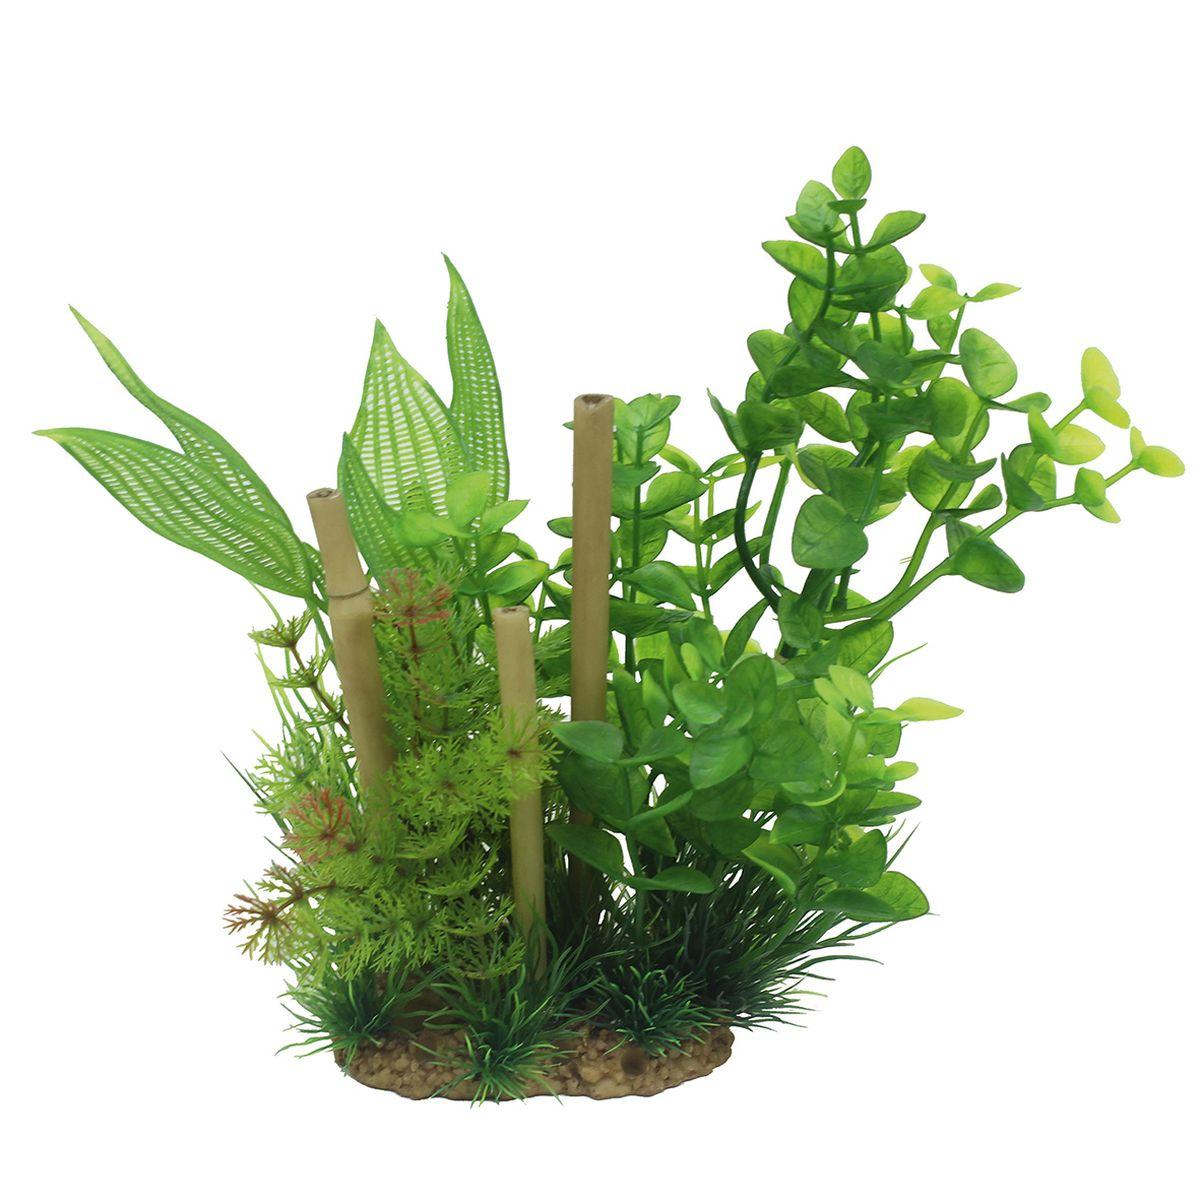 Композиция из растений для аквариума ArtUniq Бакопа с бамбуком, высота 20 см0120710Композиция из искусственных растений ArtUniq превосходно украсит и оживит аквариум.Растения - это важная часть любой композиции, они помогут вдохнуть жизнь в ландшафт любого аквариума или террариума. Композиция является точной копией природного растения.